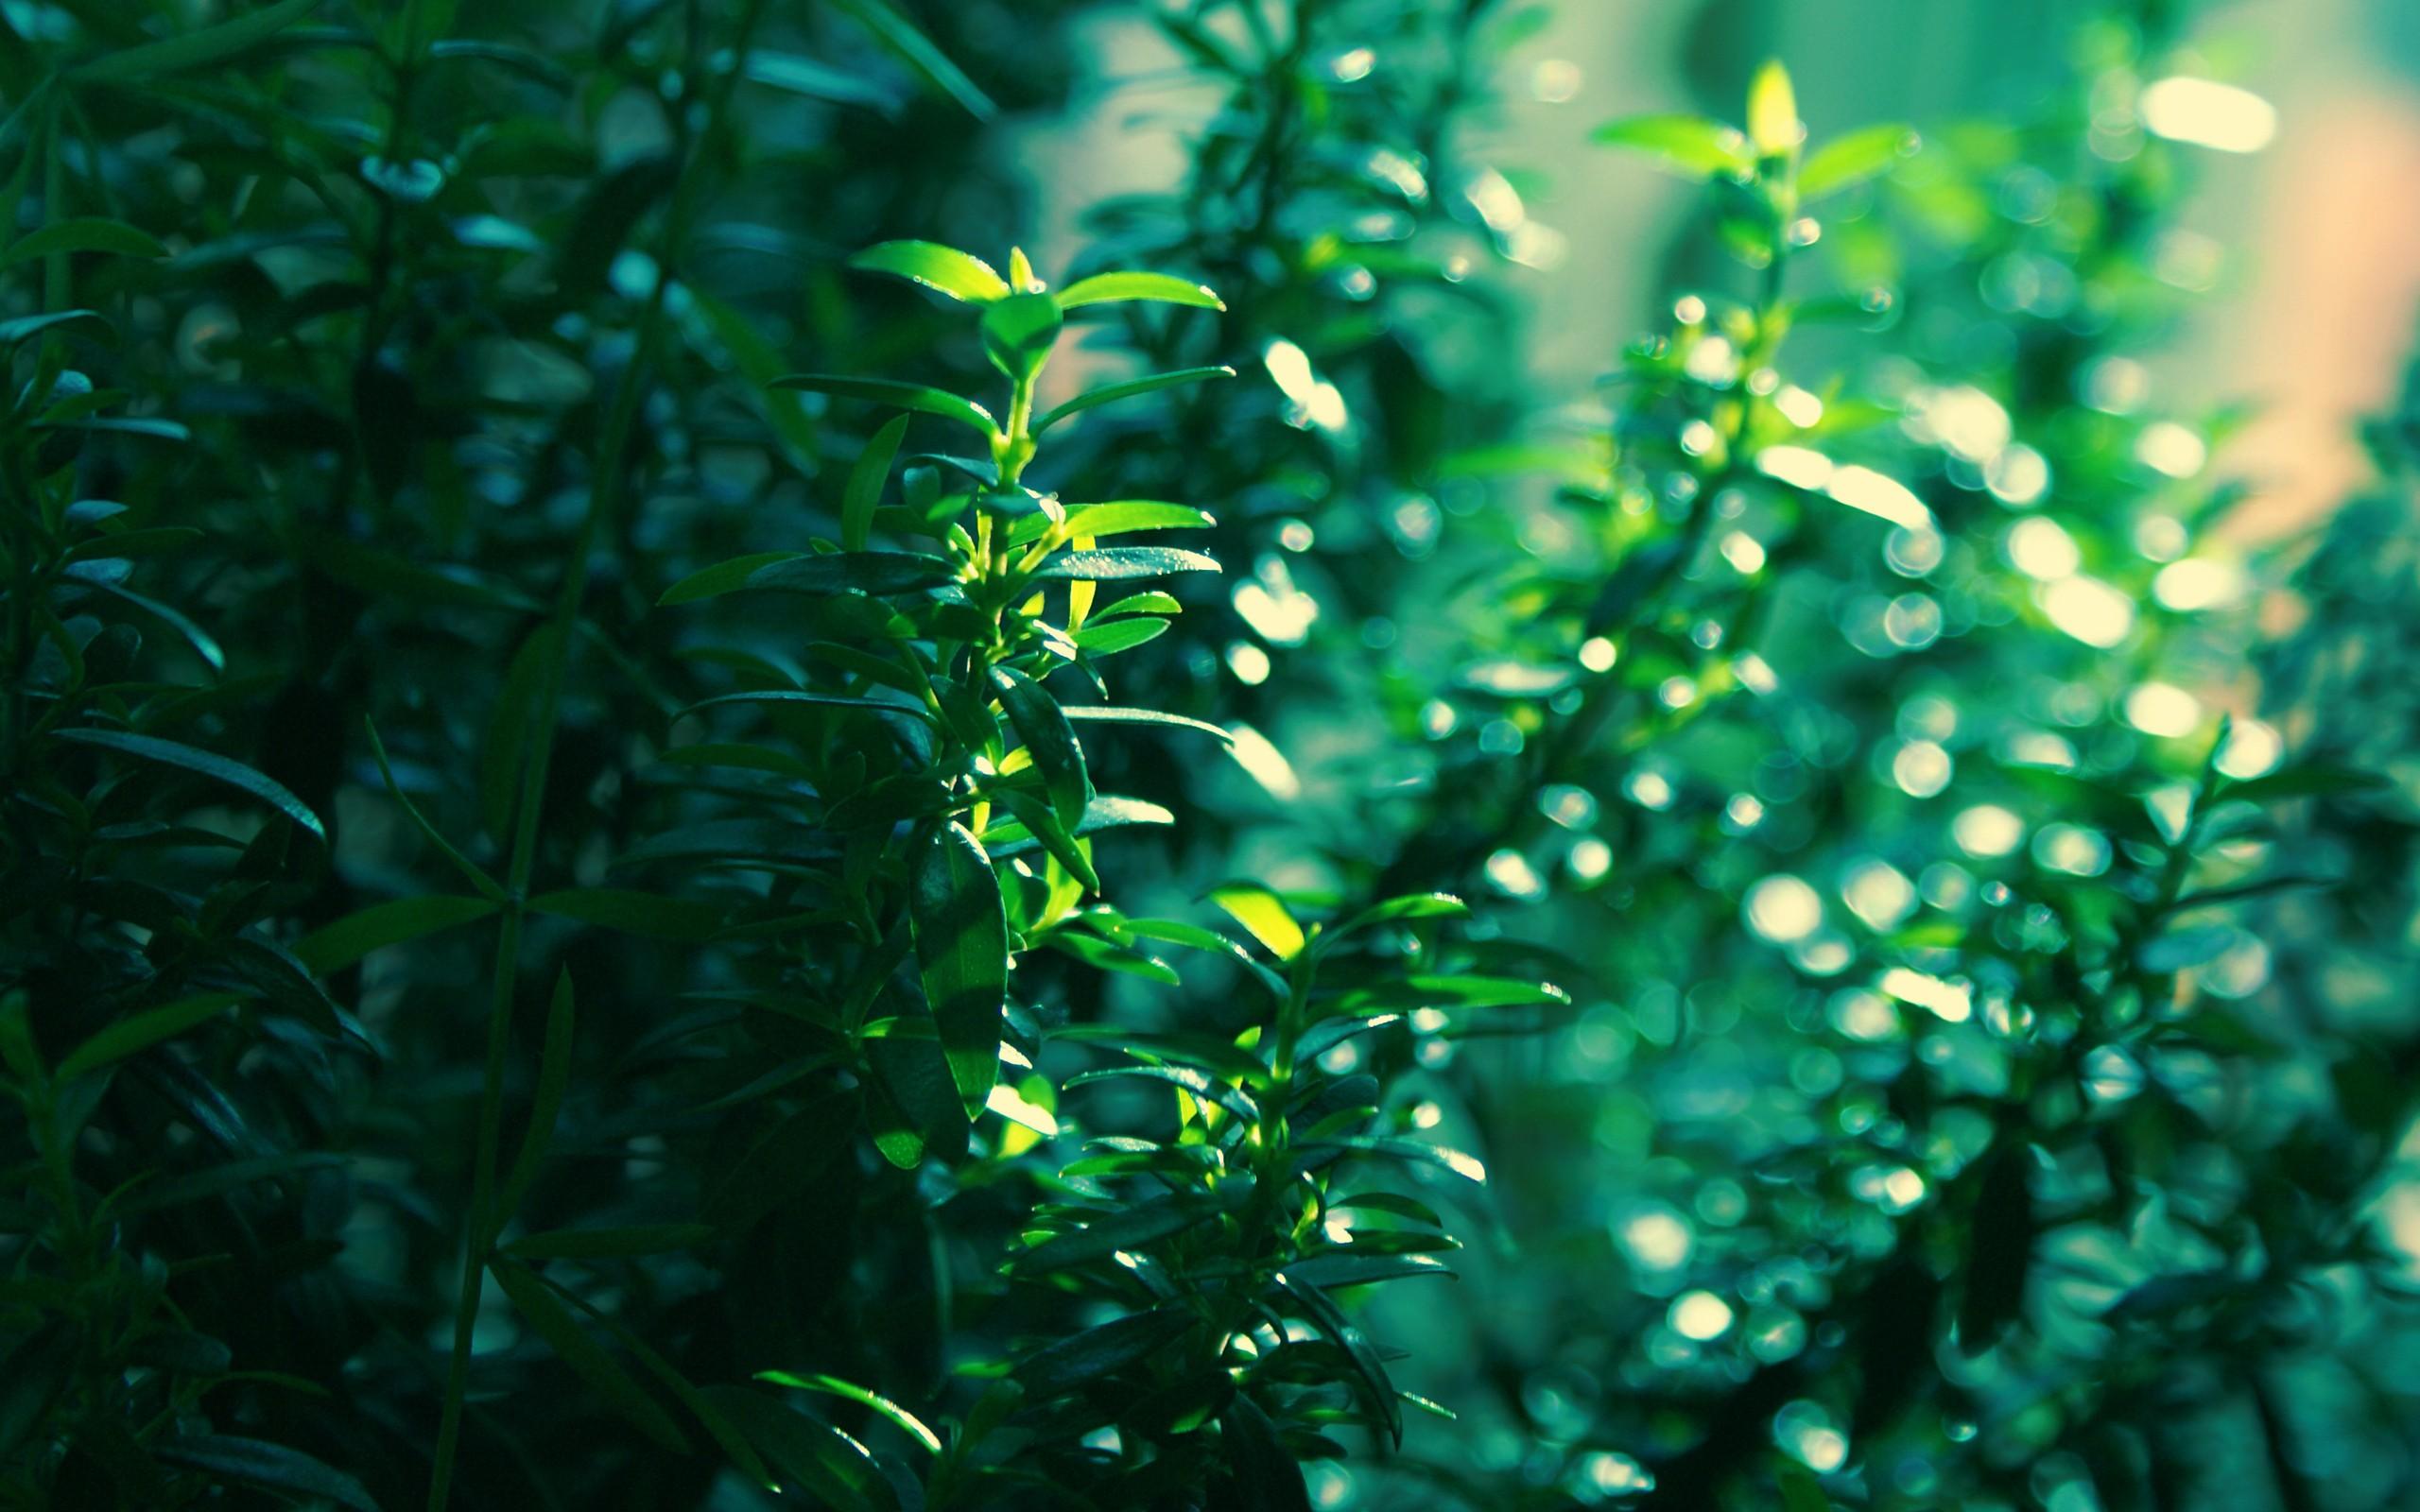 green nature macro wallpaper 44115